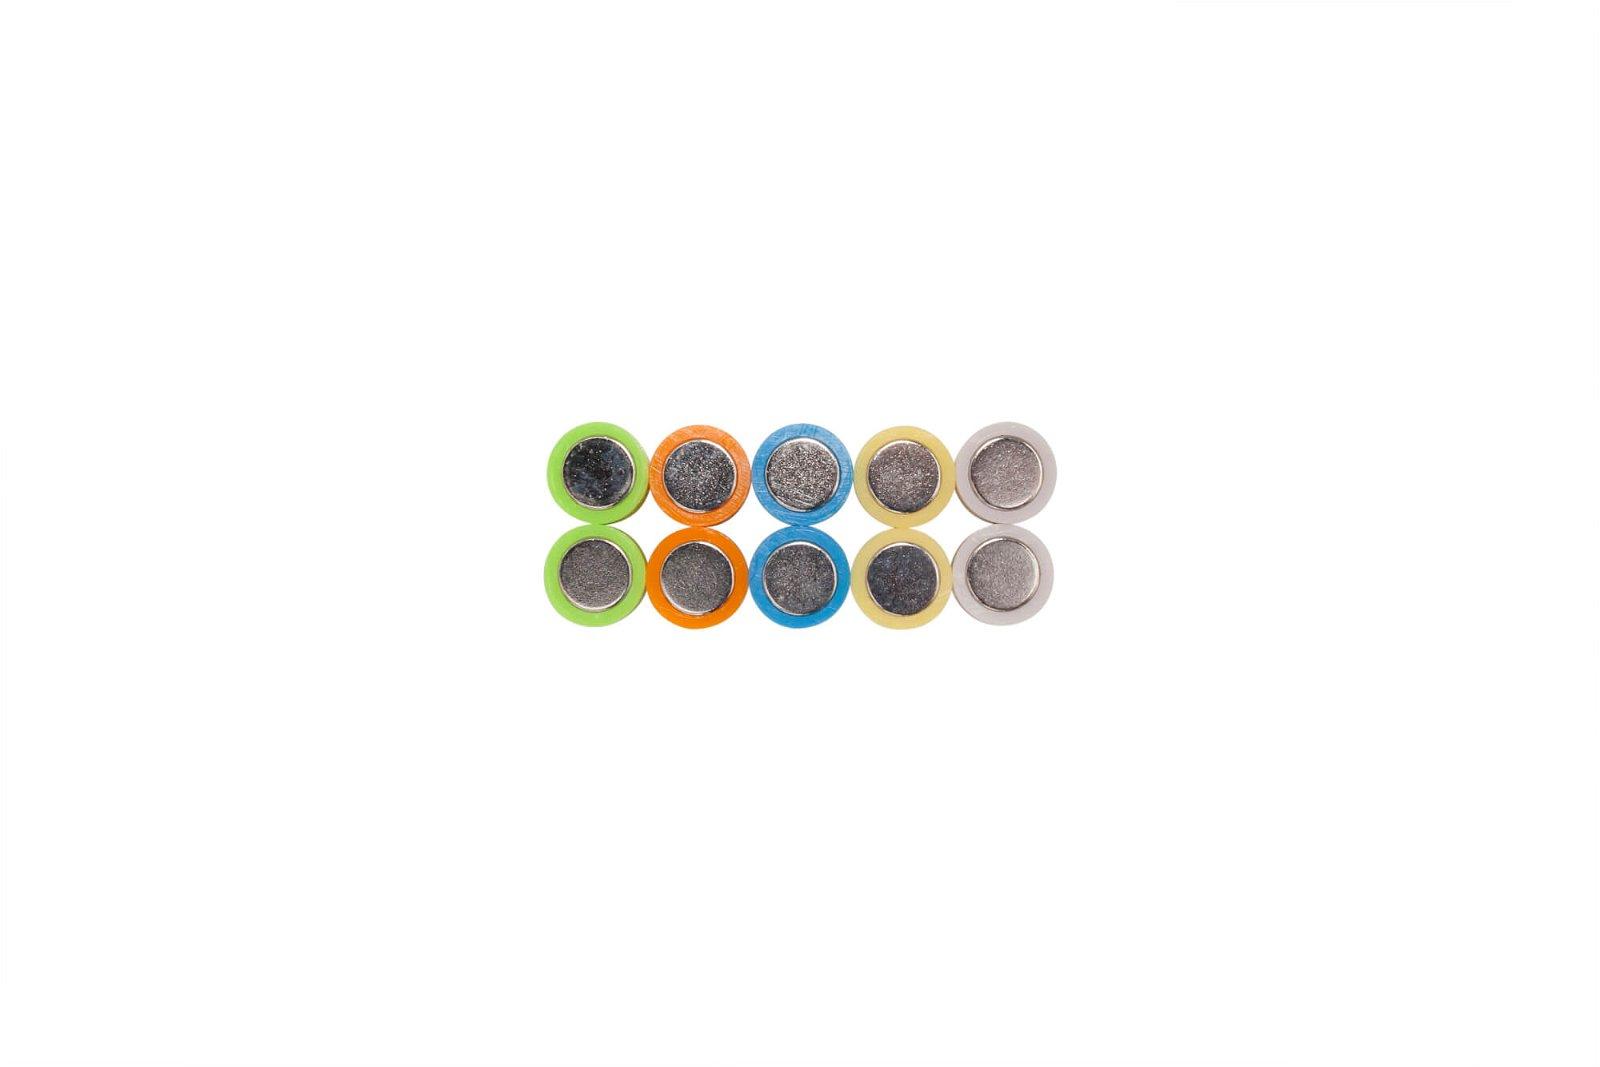 Neodym-Kegelmagnet, Ø 12 mm, 1,5 kg Haftkraft, 10 St./Set, farbig sortiert